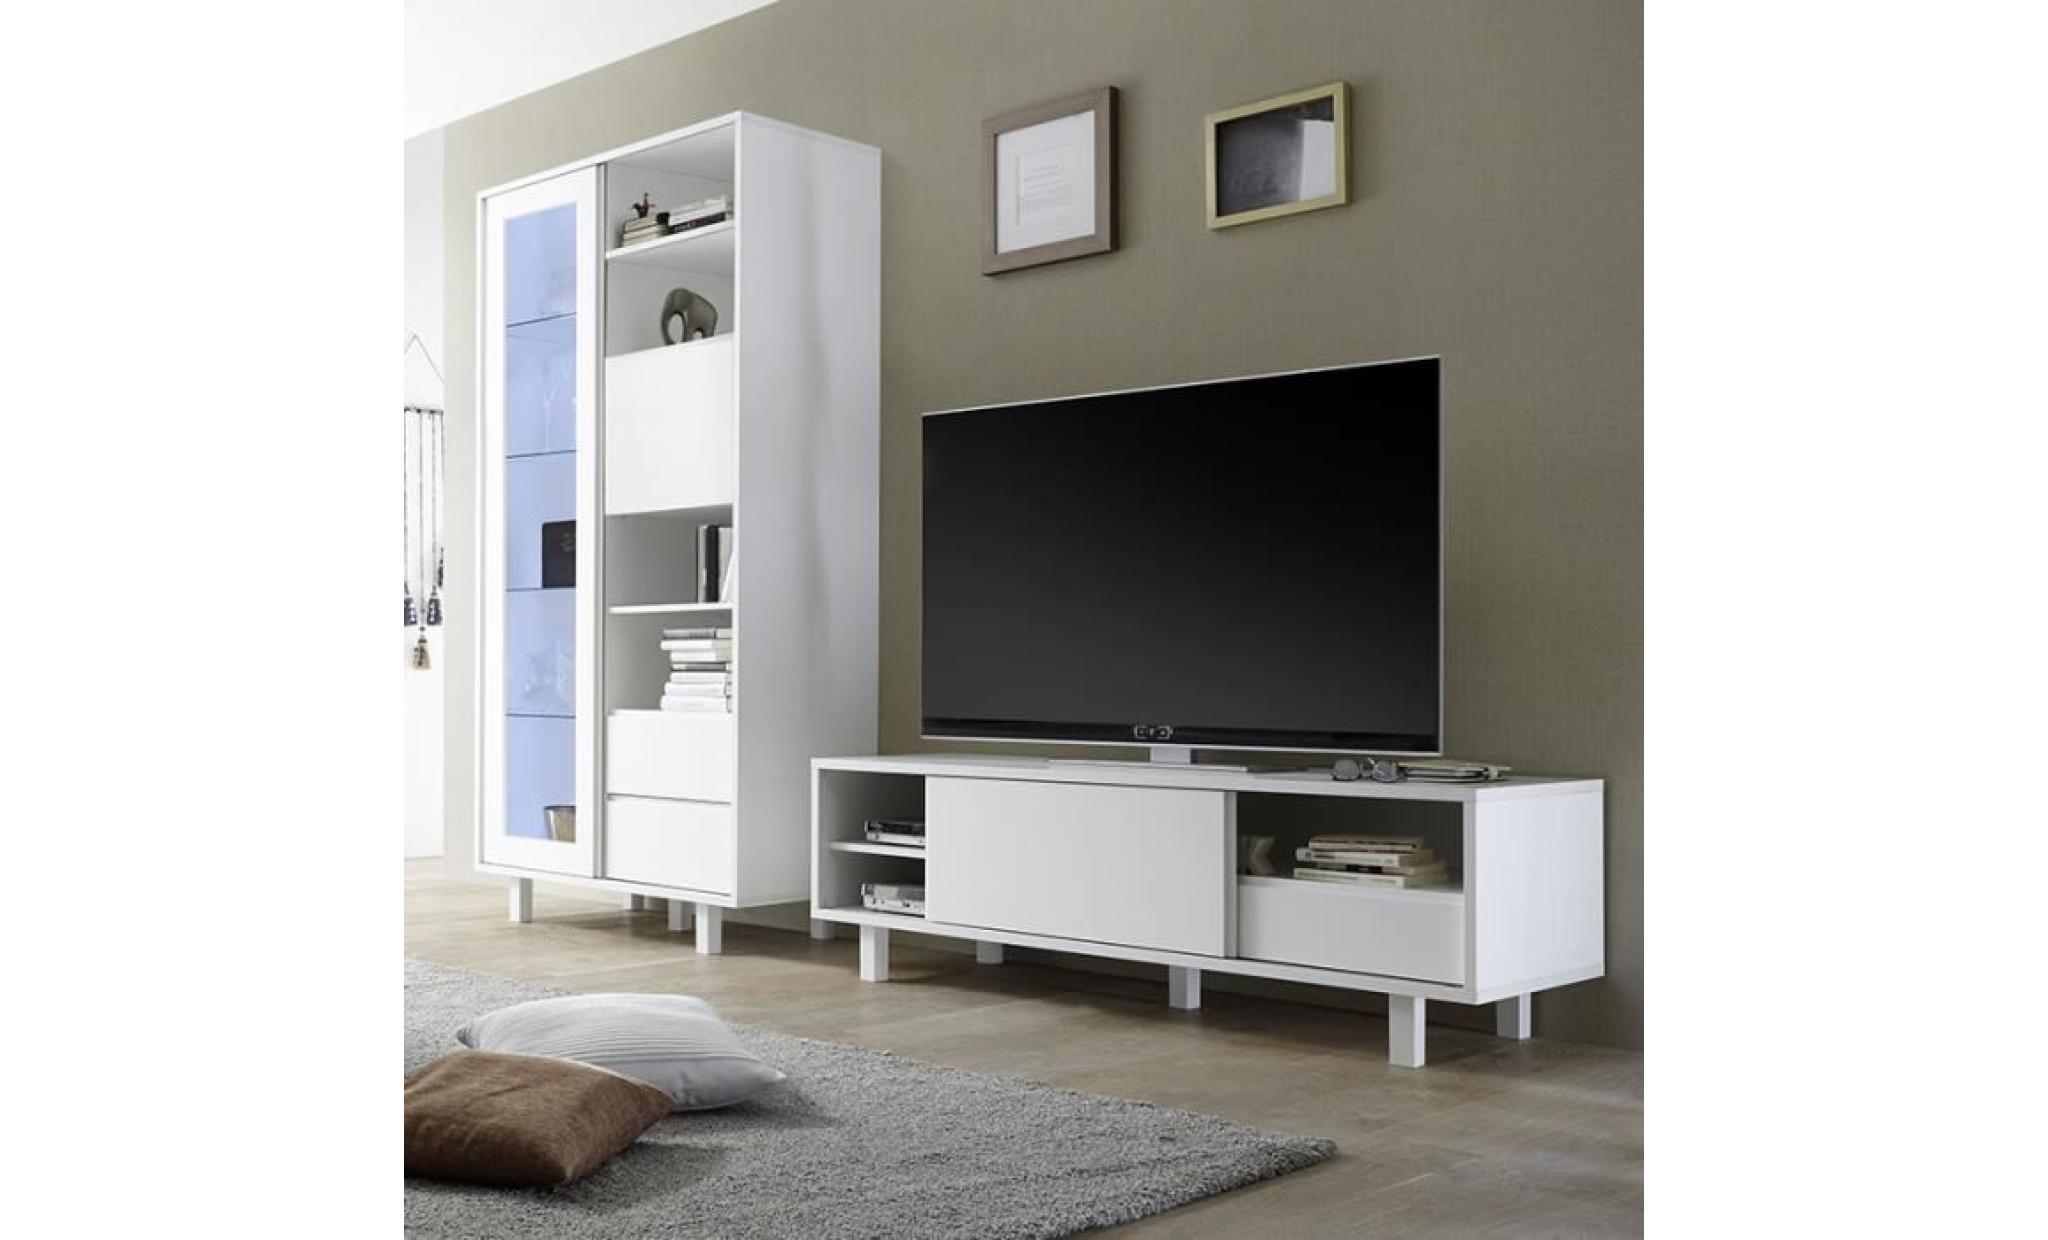 Meuble Tv Blanc Laqué Pas Cher - Seine Marne serapportantà Meuble Tv Blanc Laqué Pas Cher